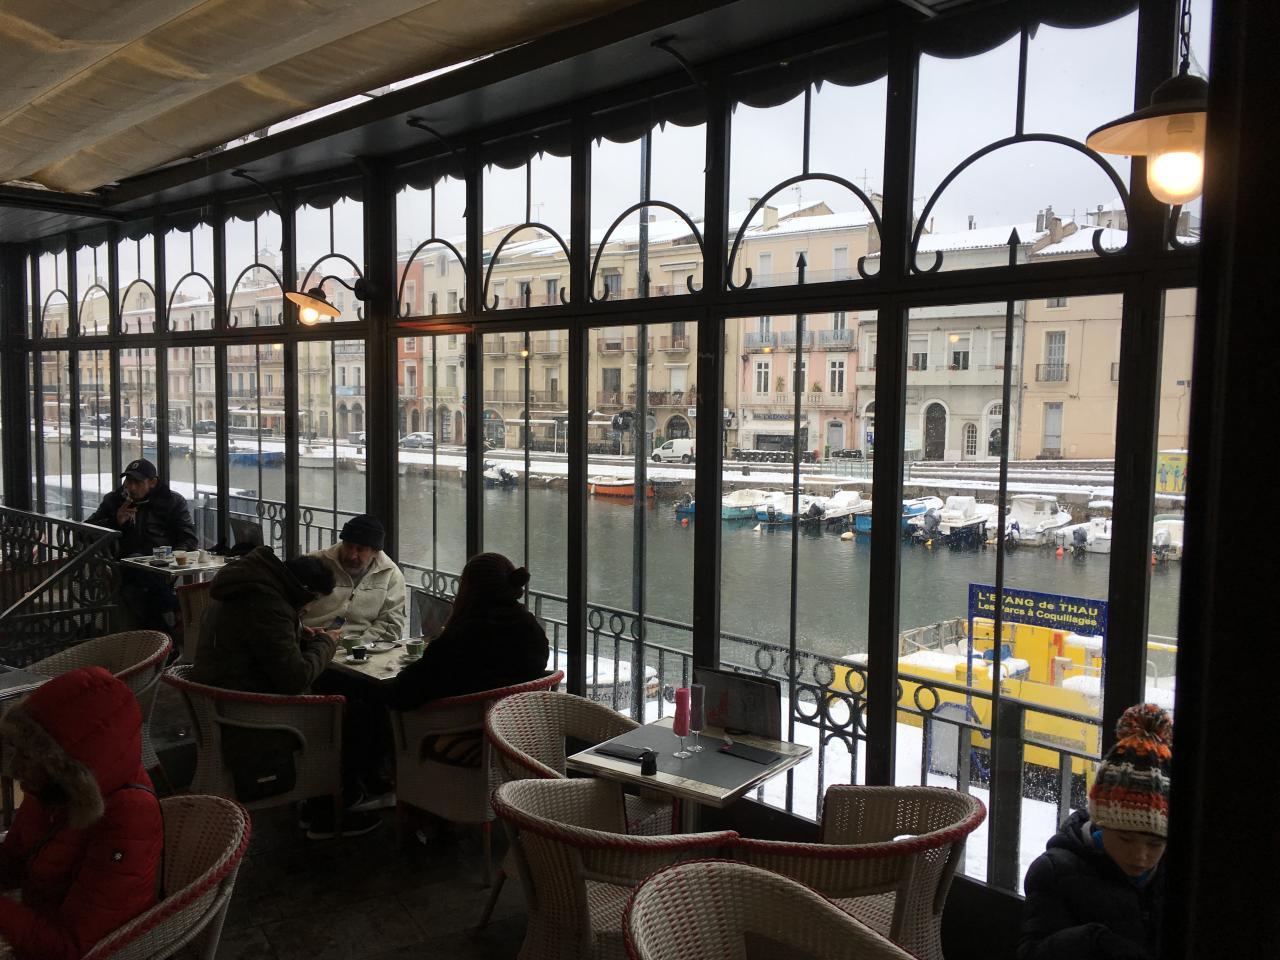 Puis au Café une crêpe contre le froid !